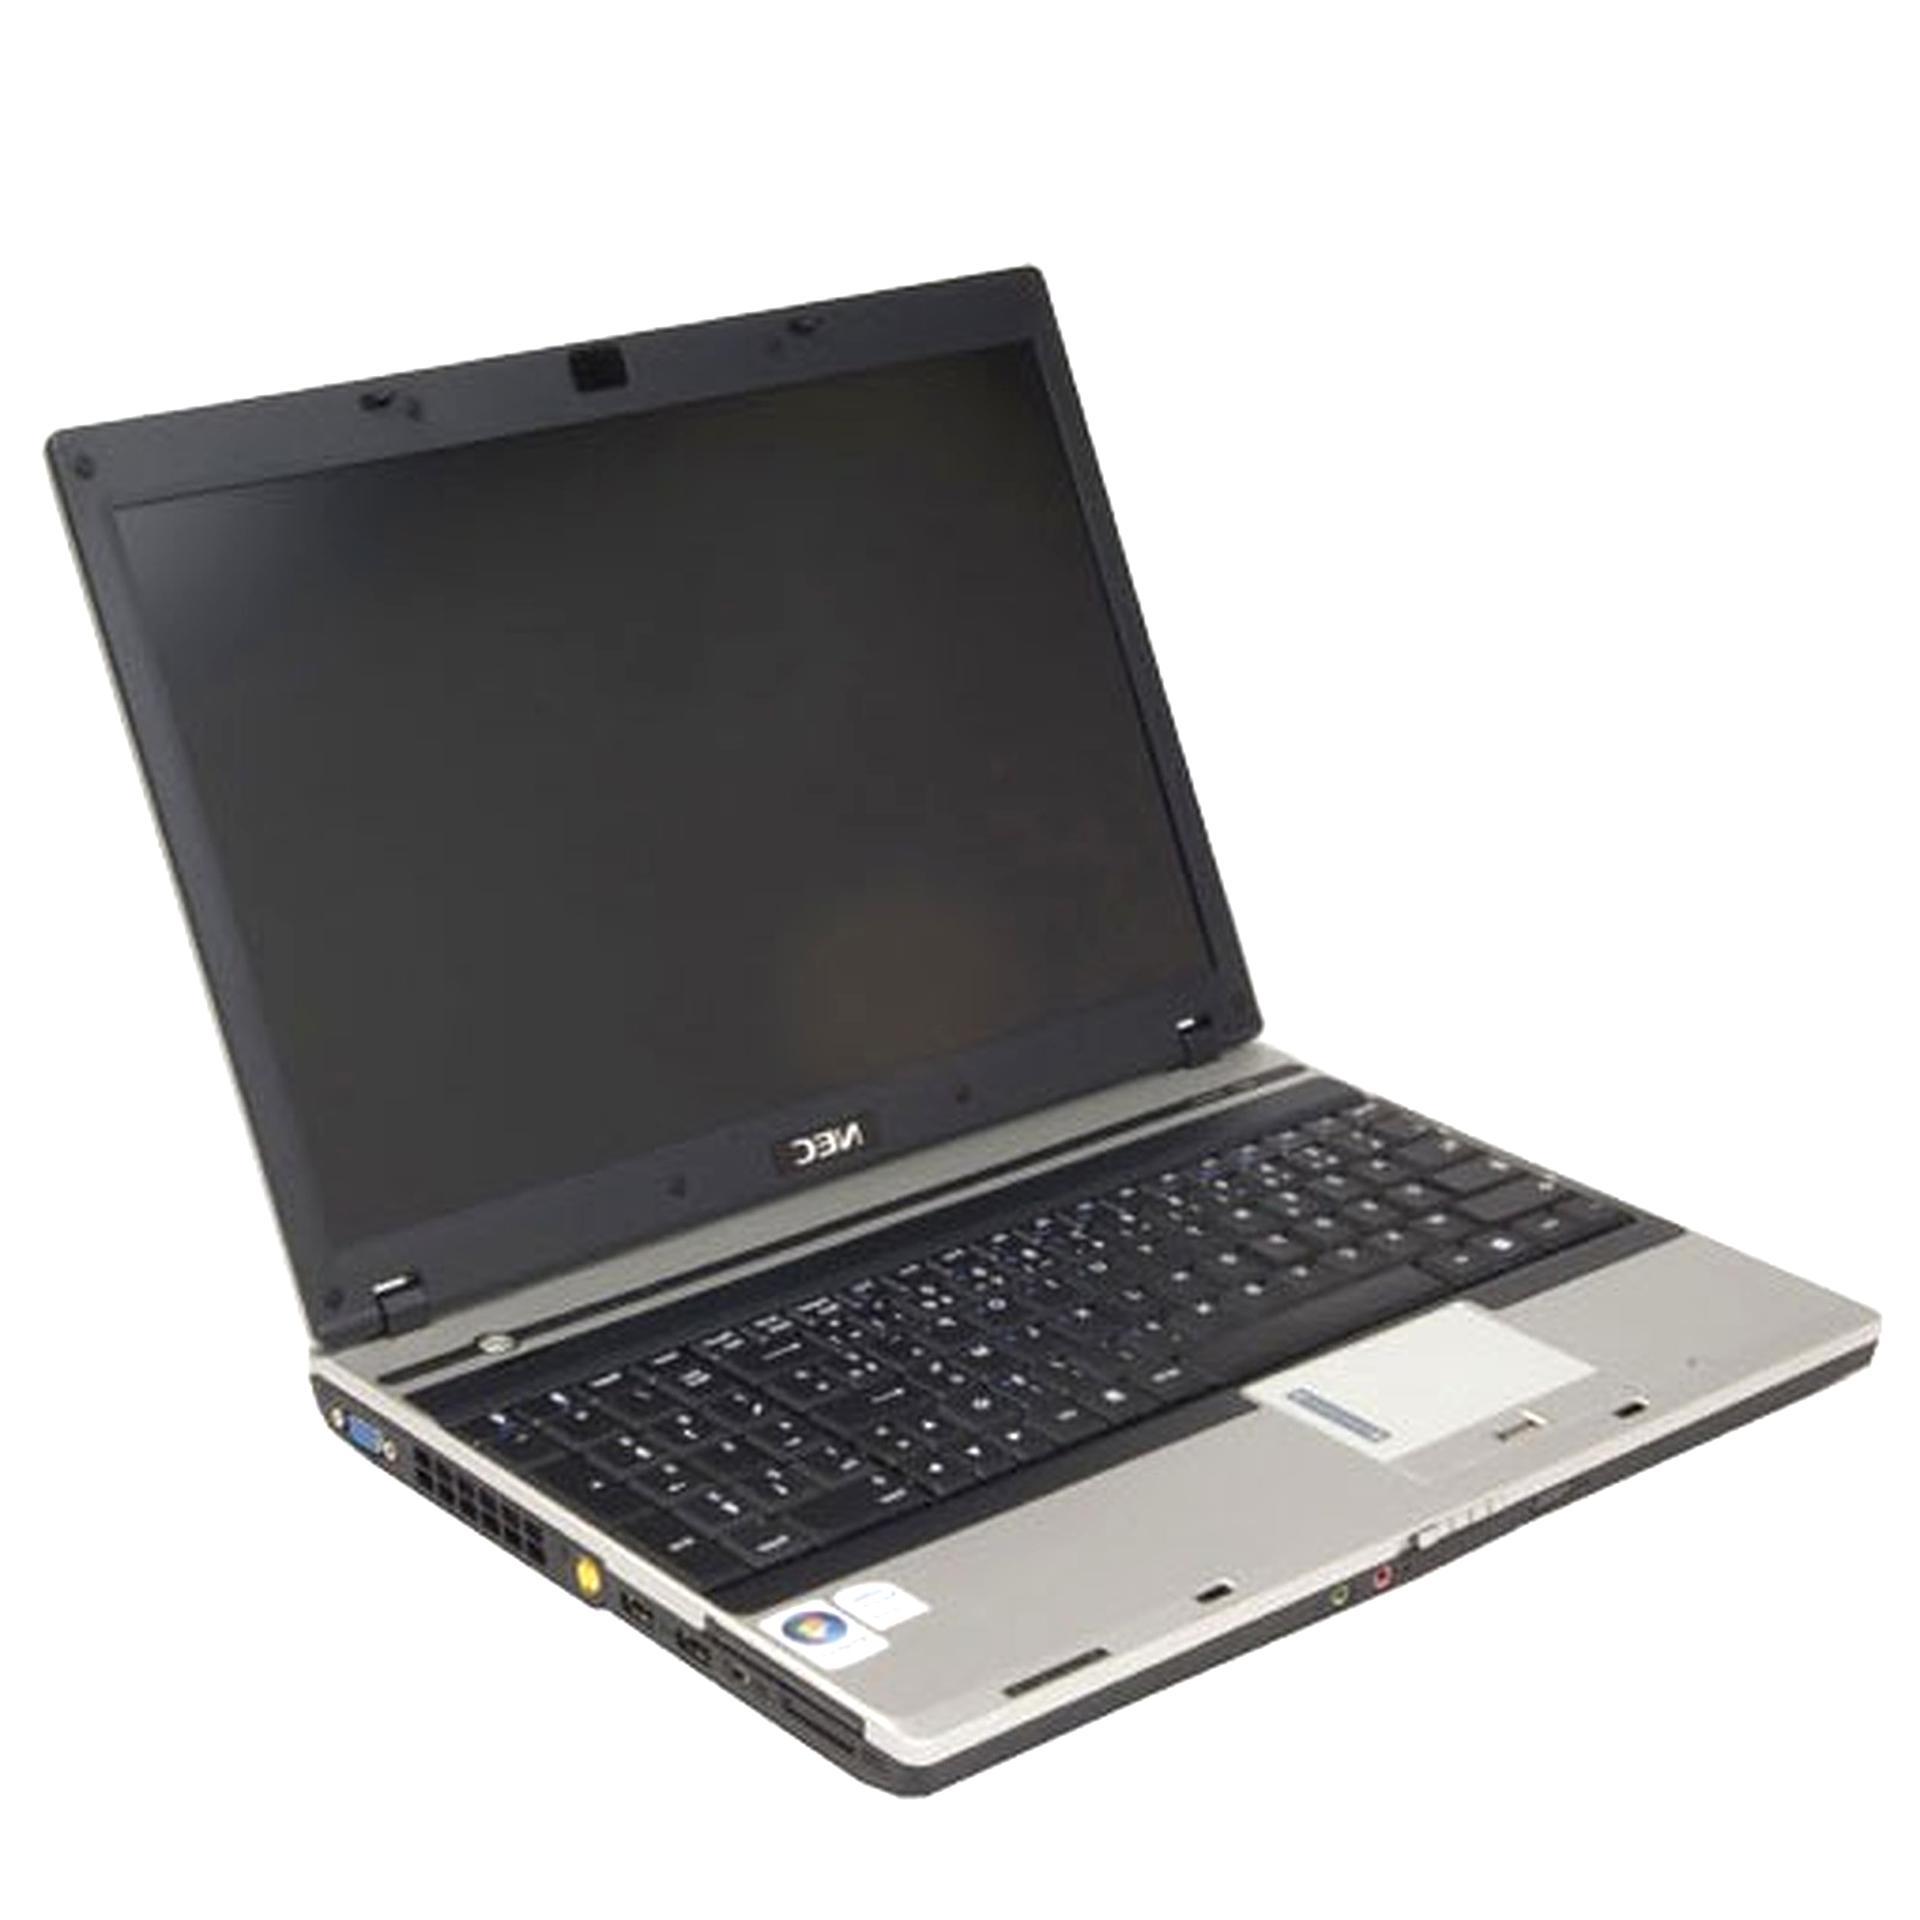 ordinateur portable nec d'occasion